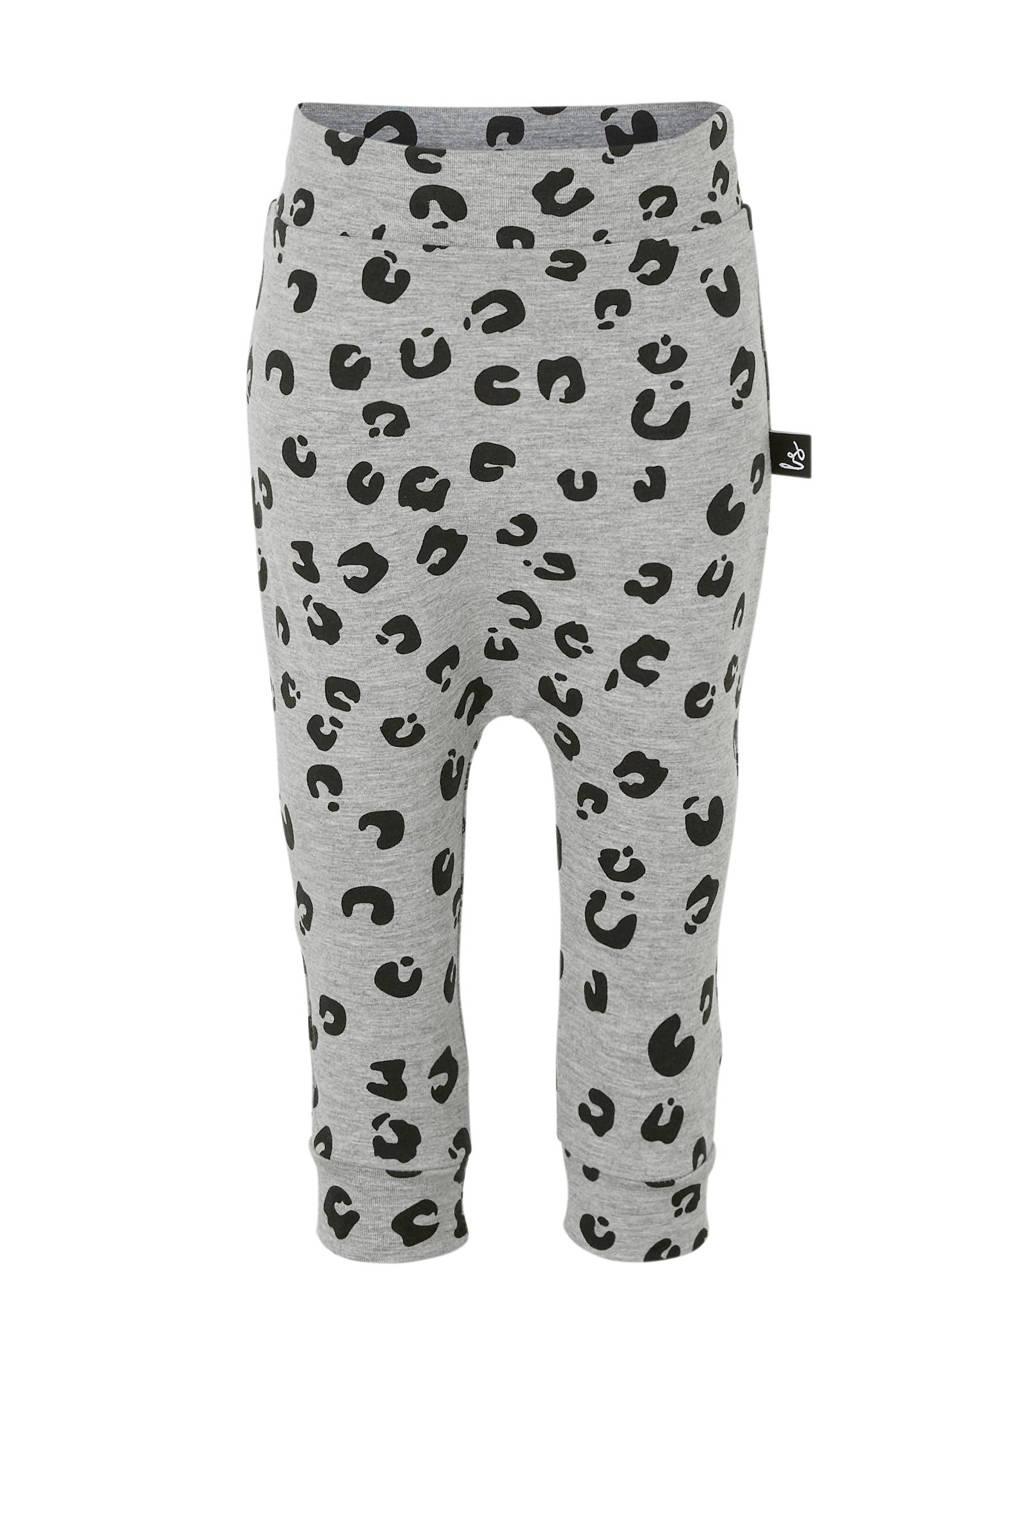 Babystyling broek met panterprint grijs, Grijs